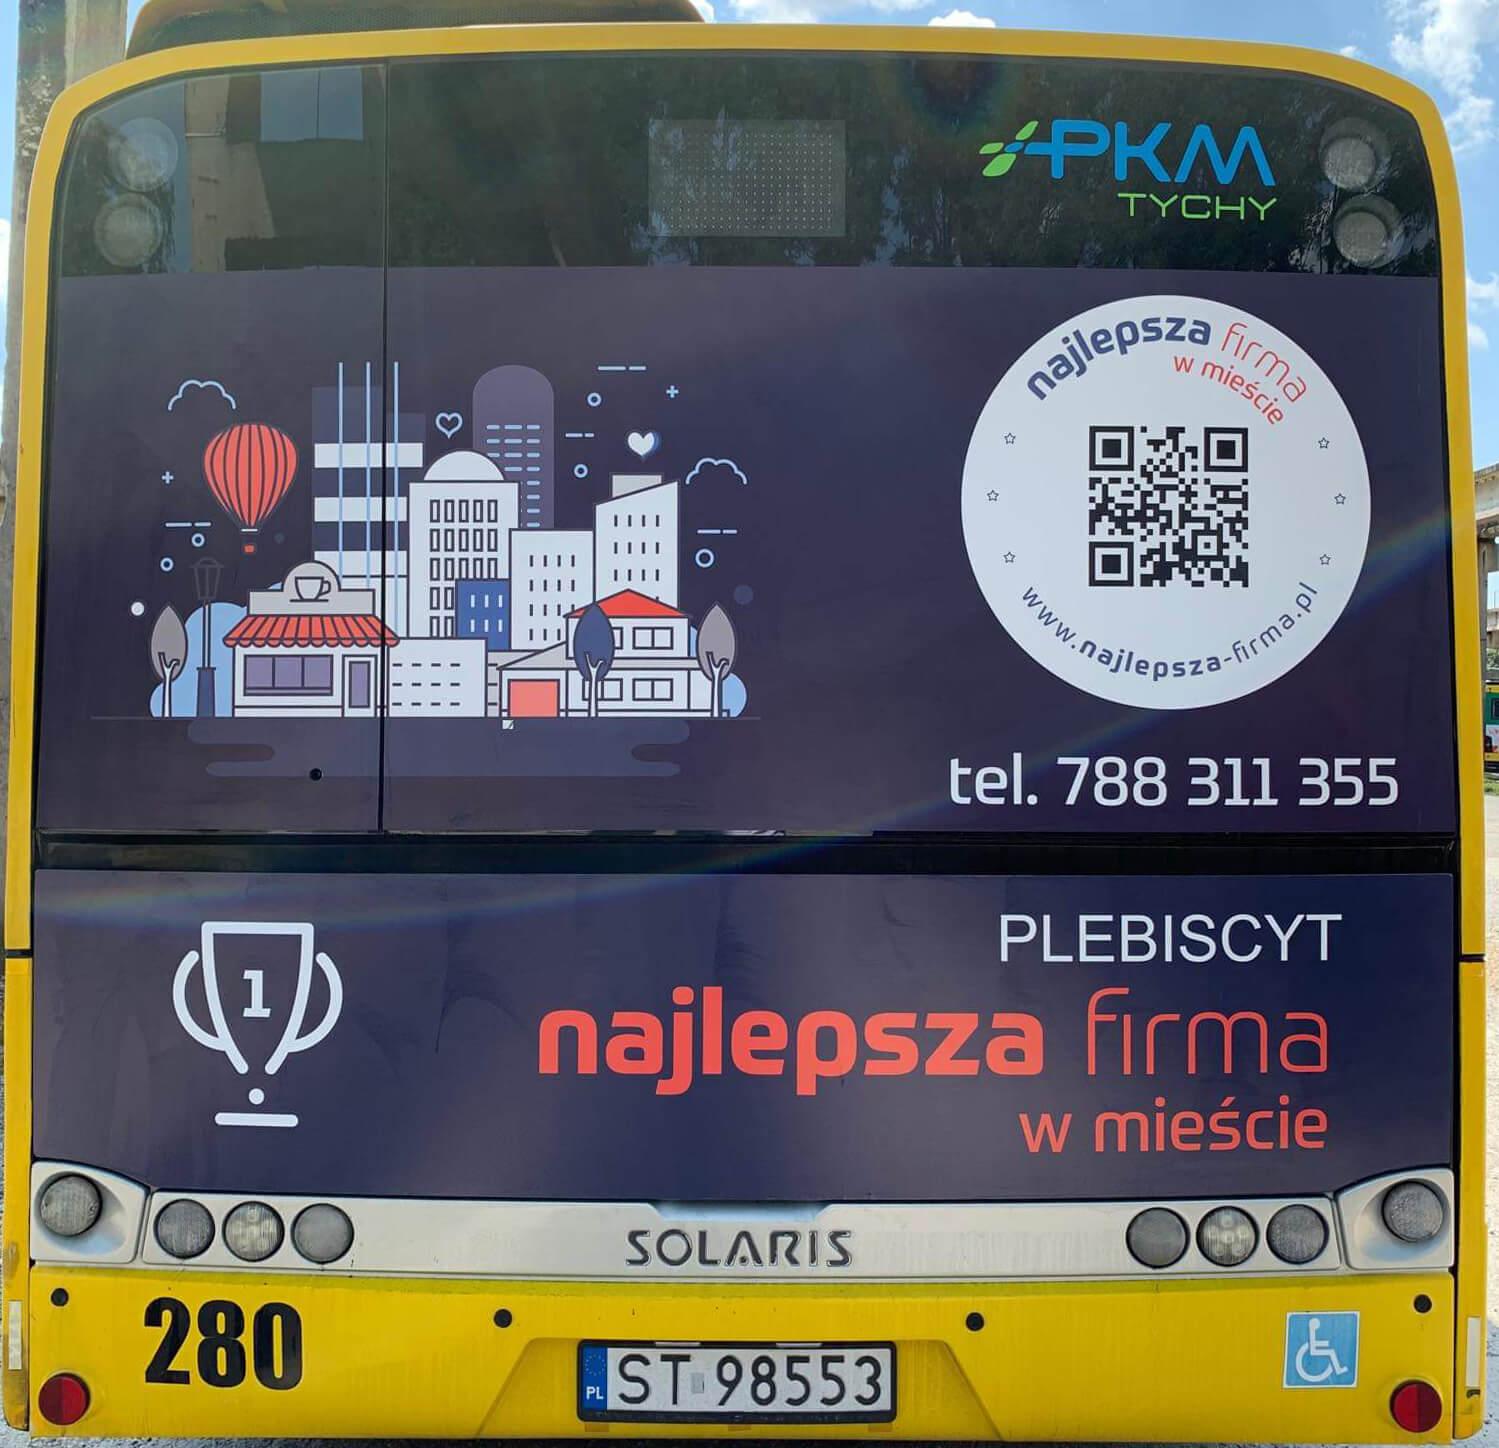 Najlepsza firma autobus